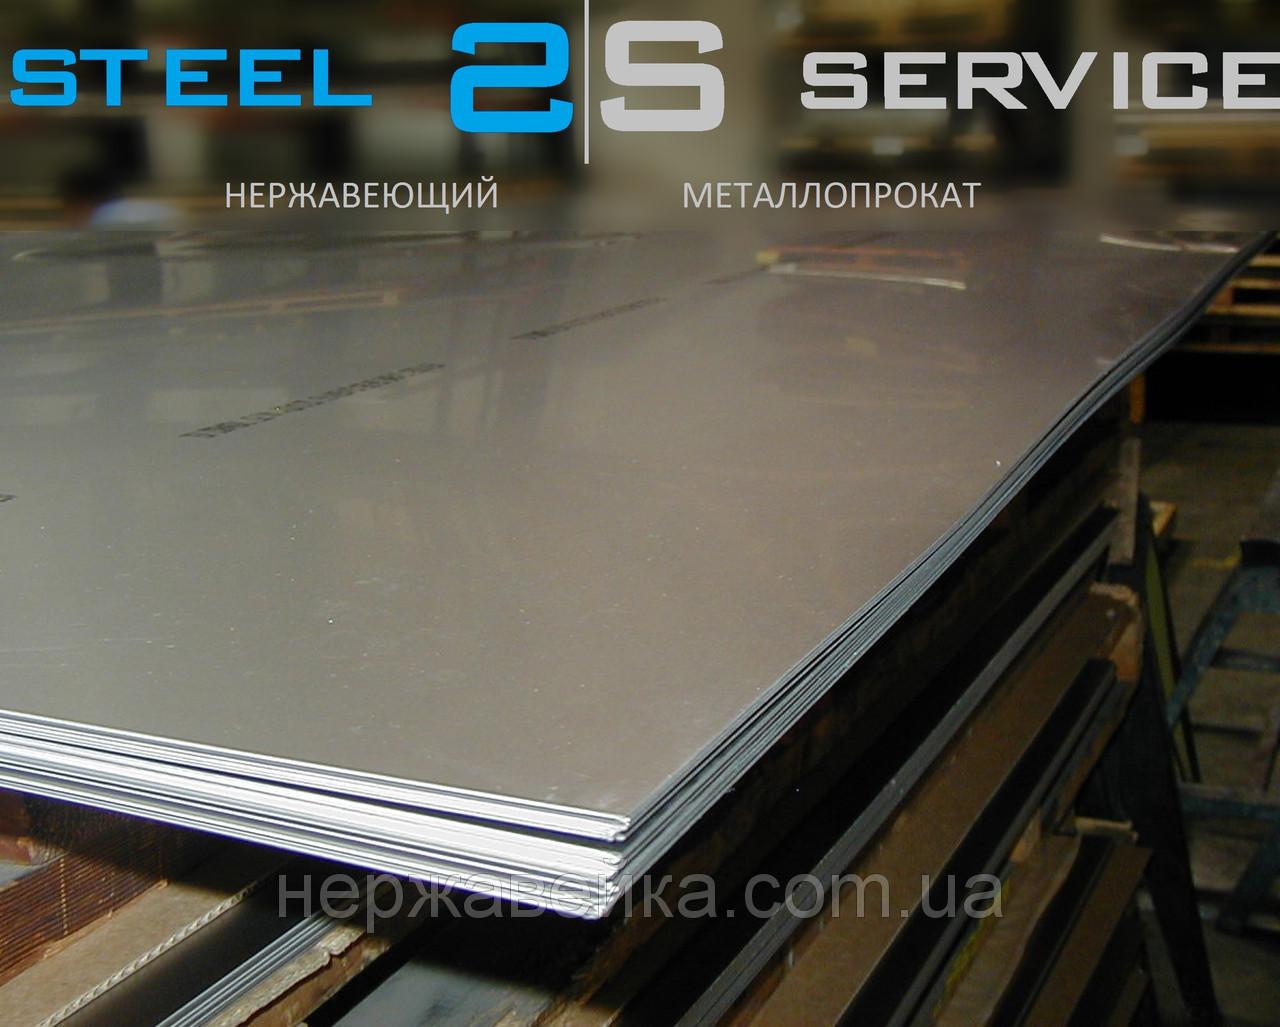 Листовая нержавейка 0,8х1250х2000мм  AISI 316Ti(10Х17Н13М2Т) BA - зеркало,  кислотостойкий